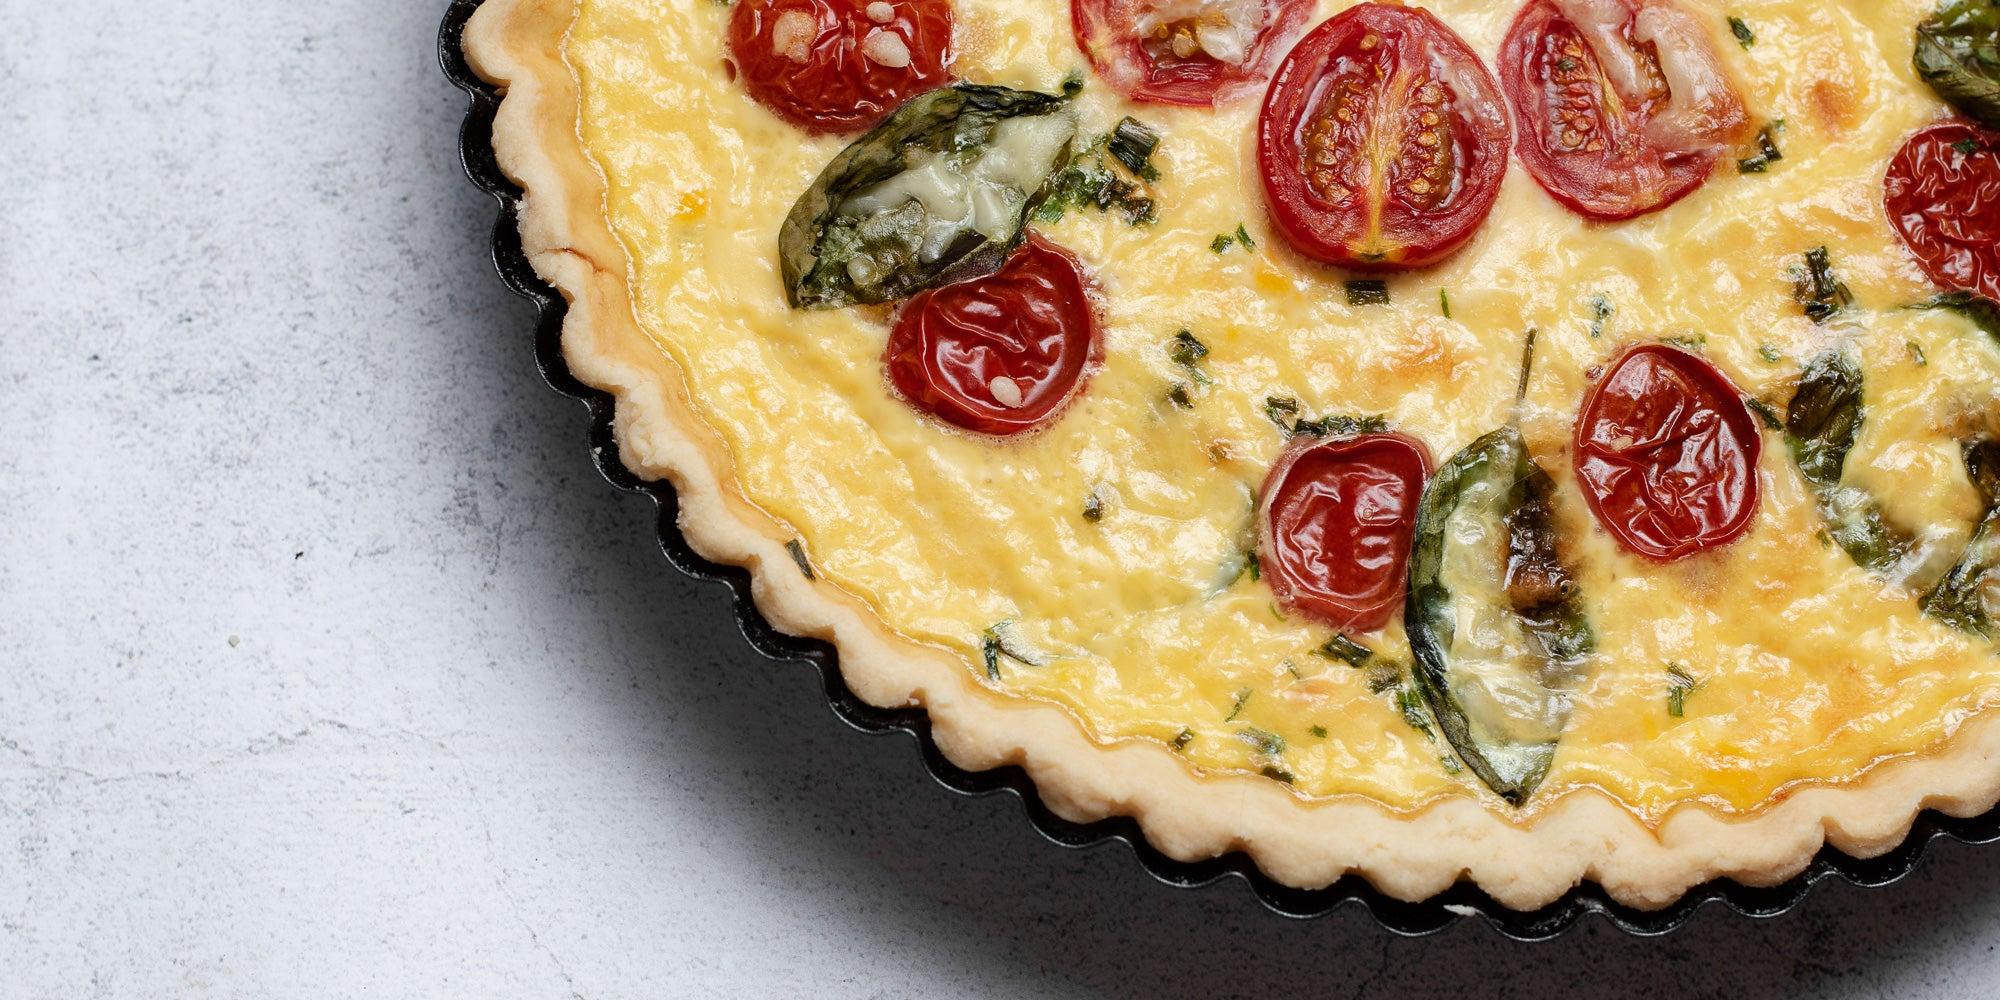 Close up of a Cheese & Tomato Quiche